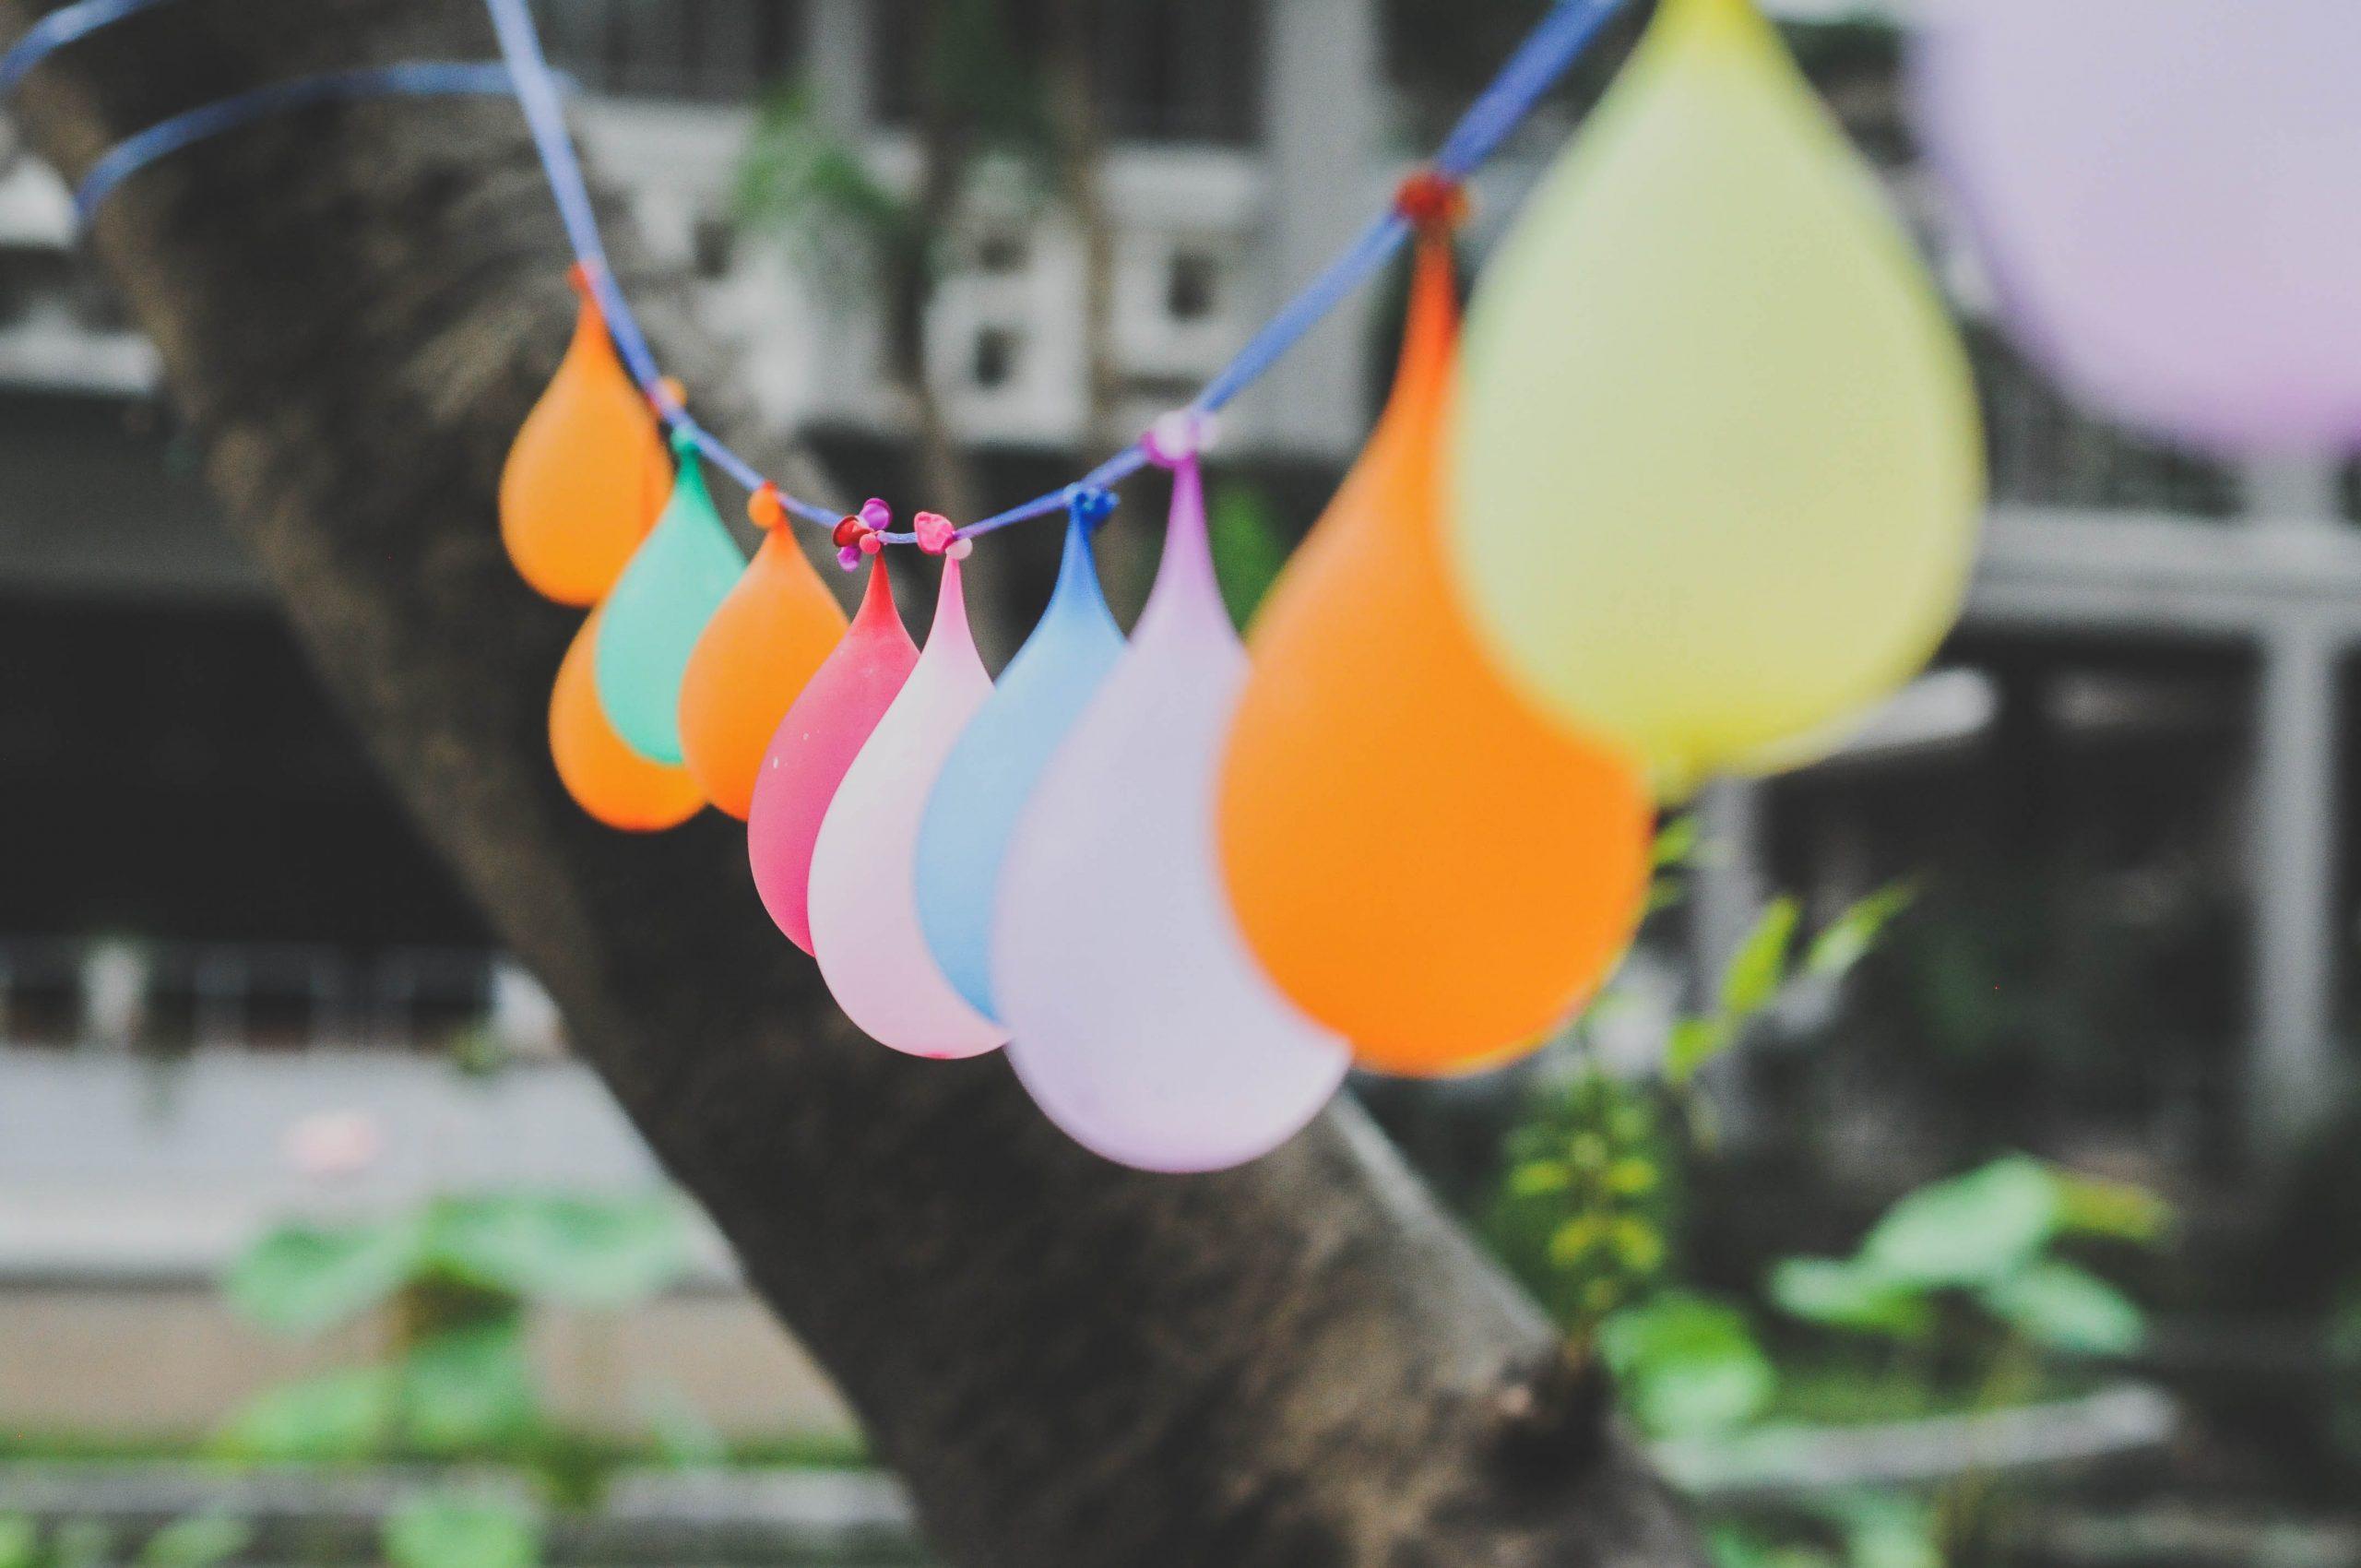 Ideas for a garden party